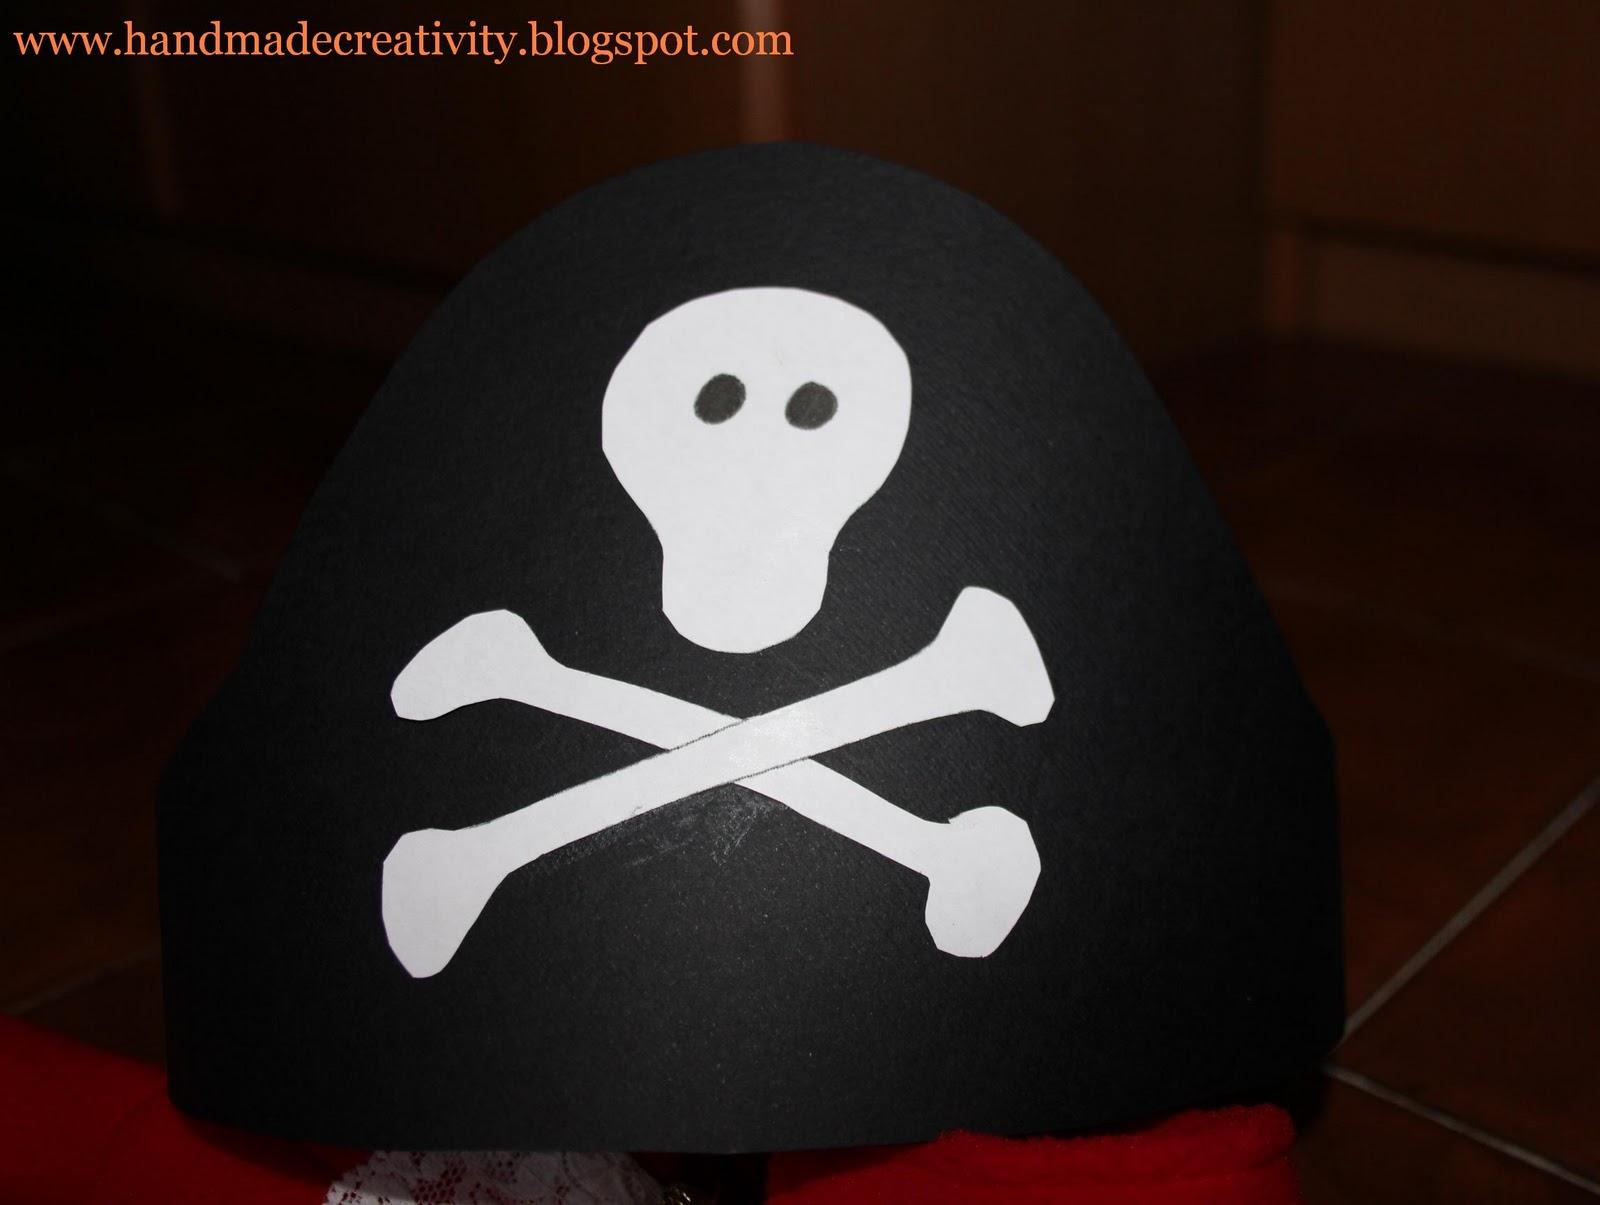 Handmade creativity ricette cucito riciclo creativo - Pirata colorazione pirata stampabili ...